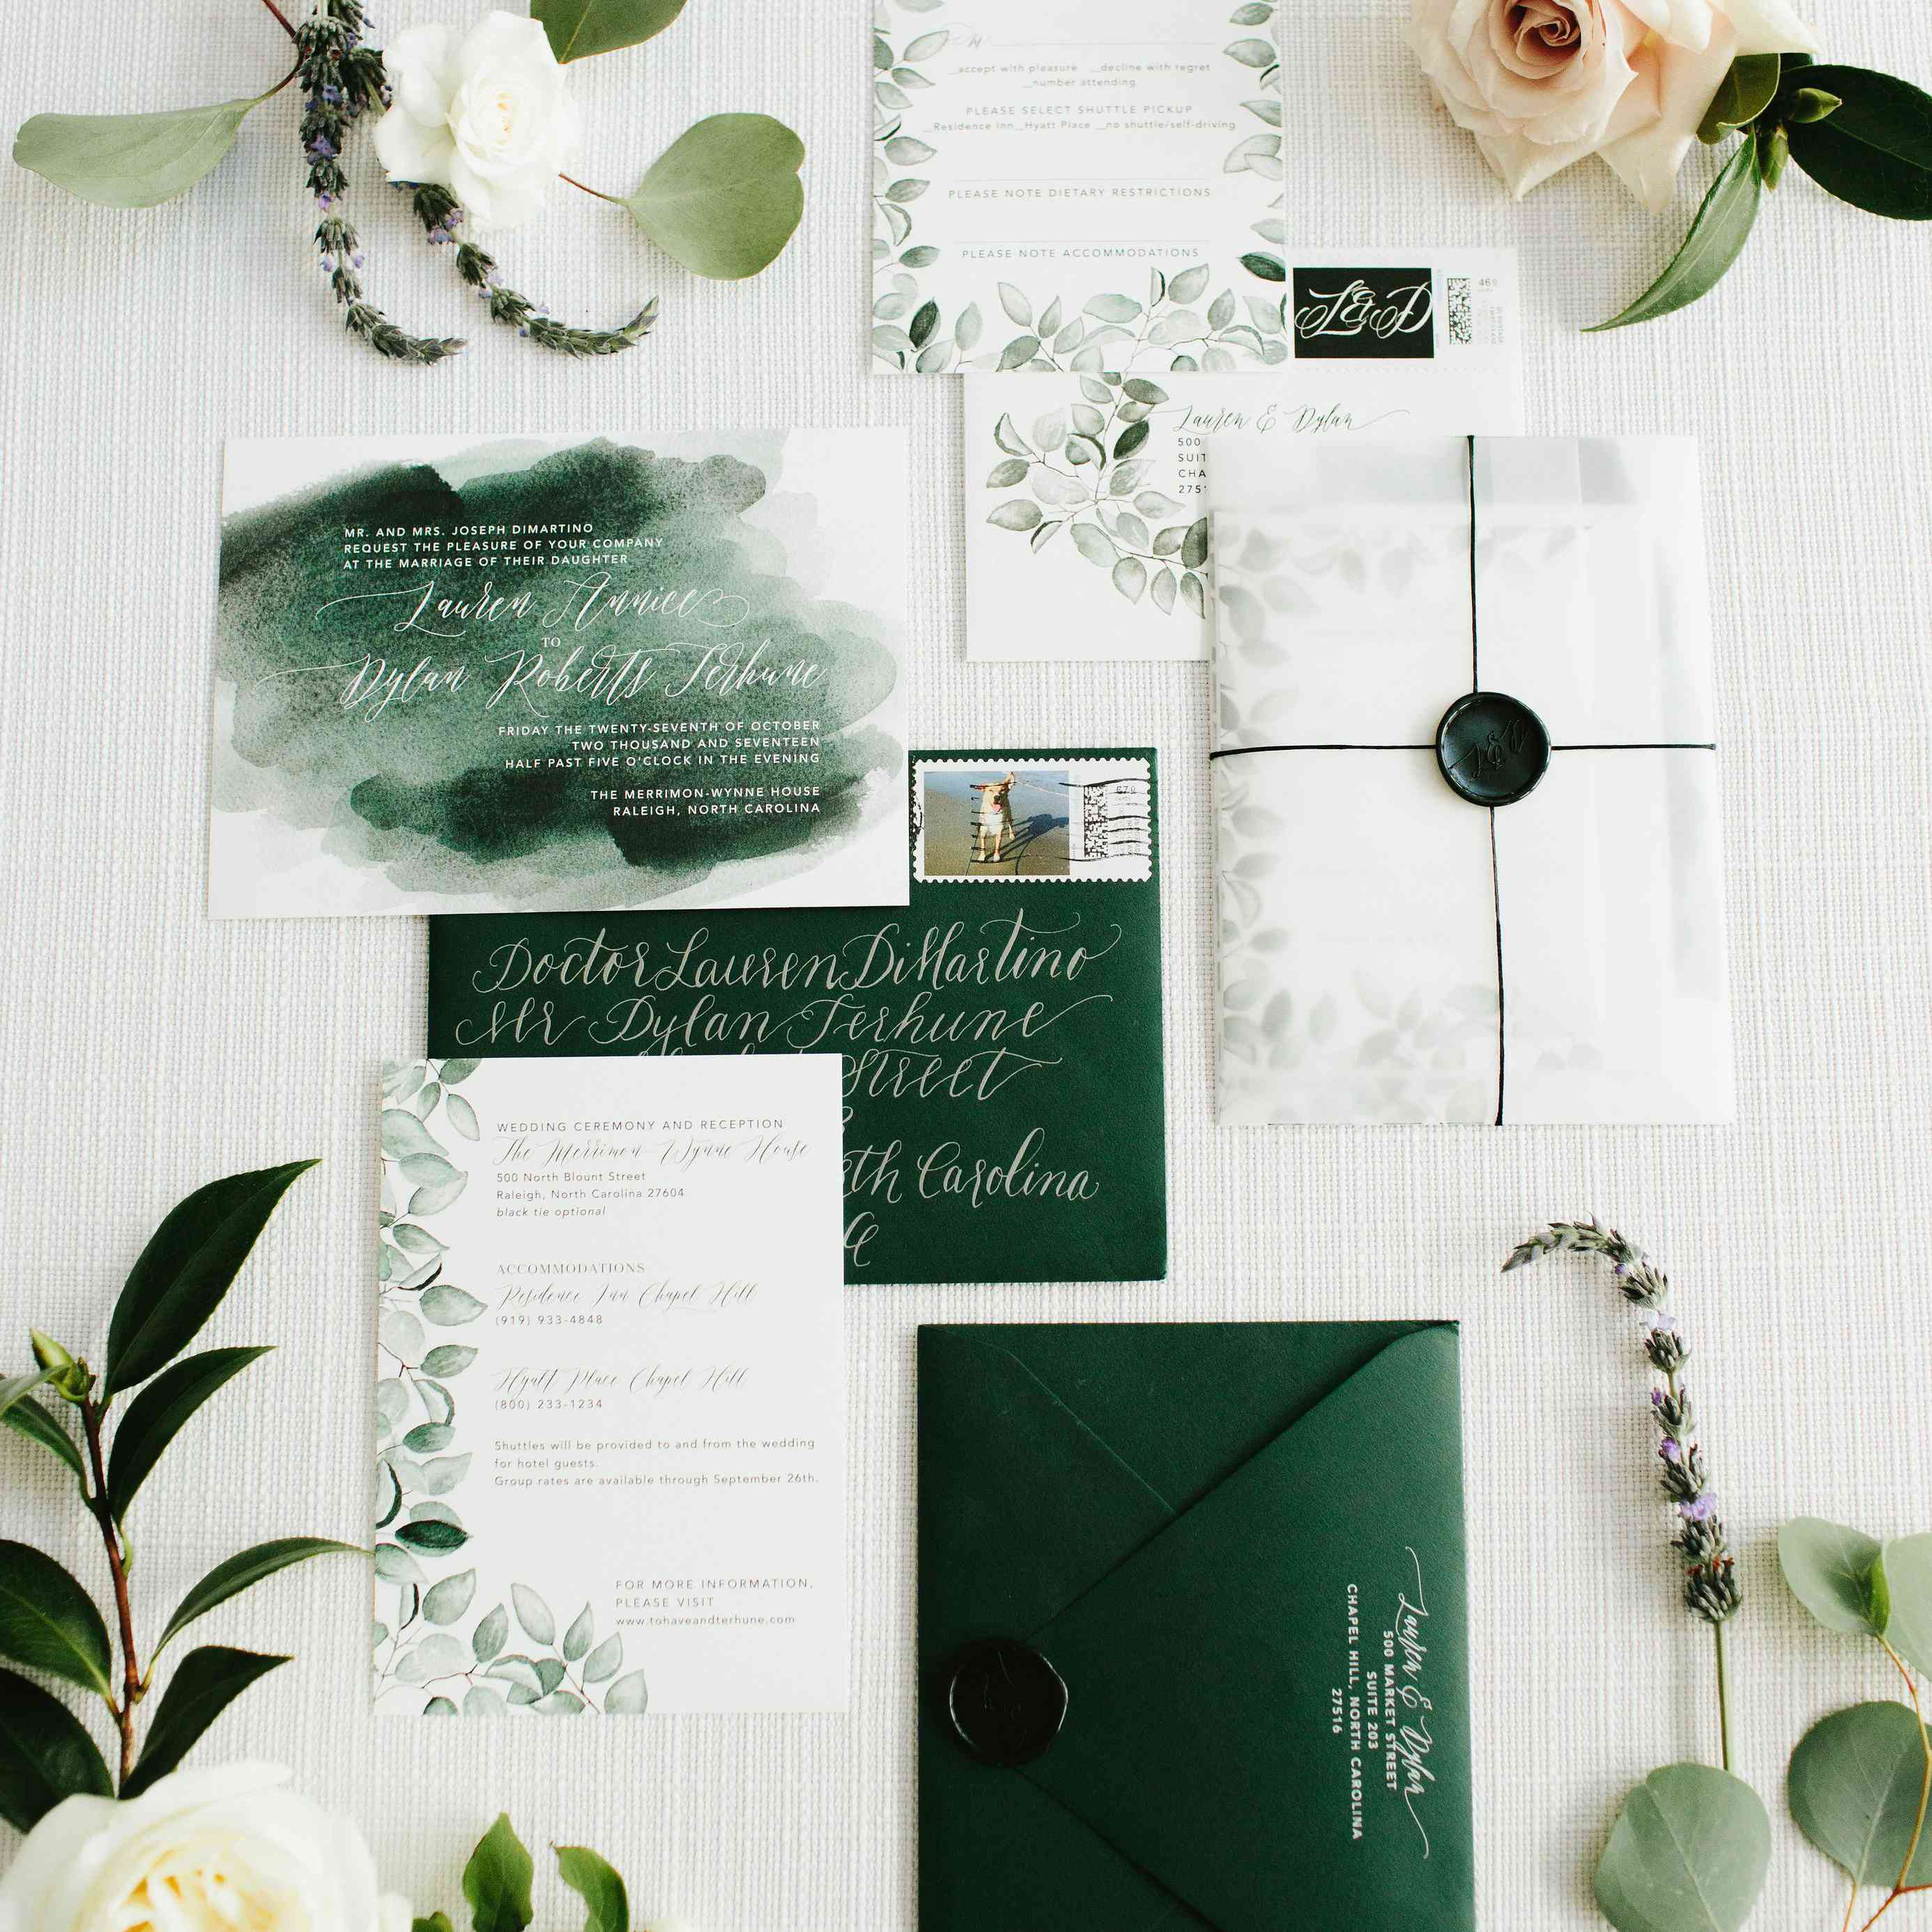 Emerald green invitation suite